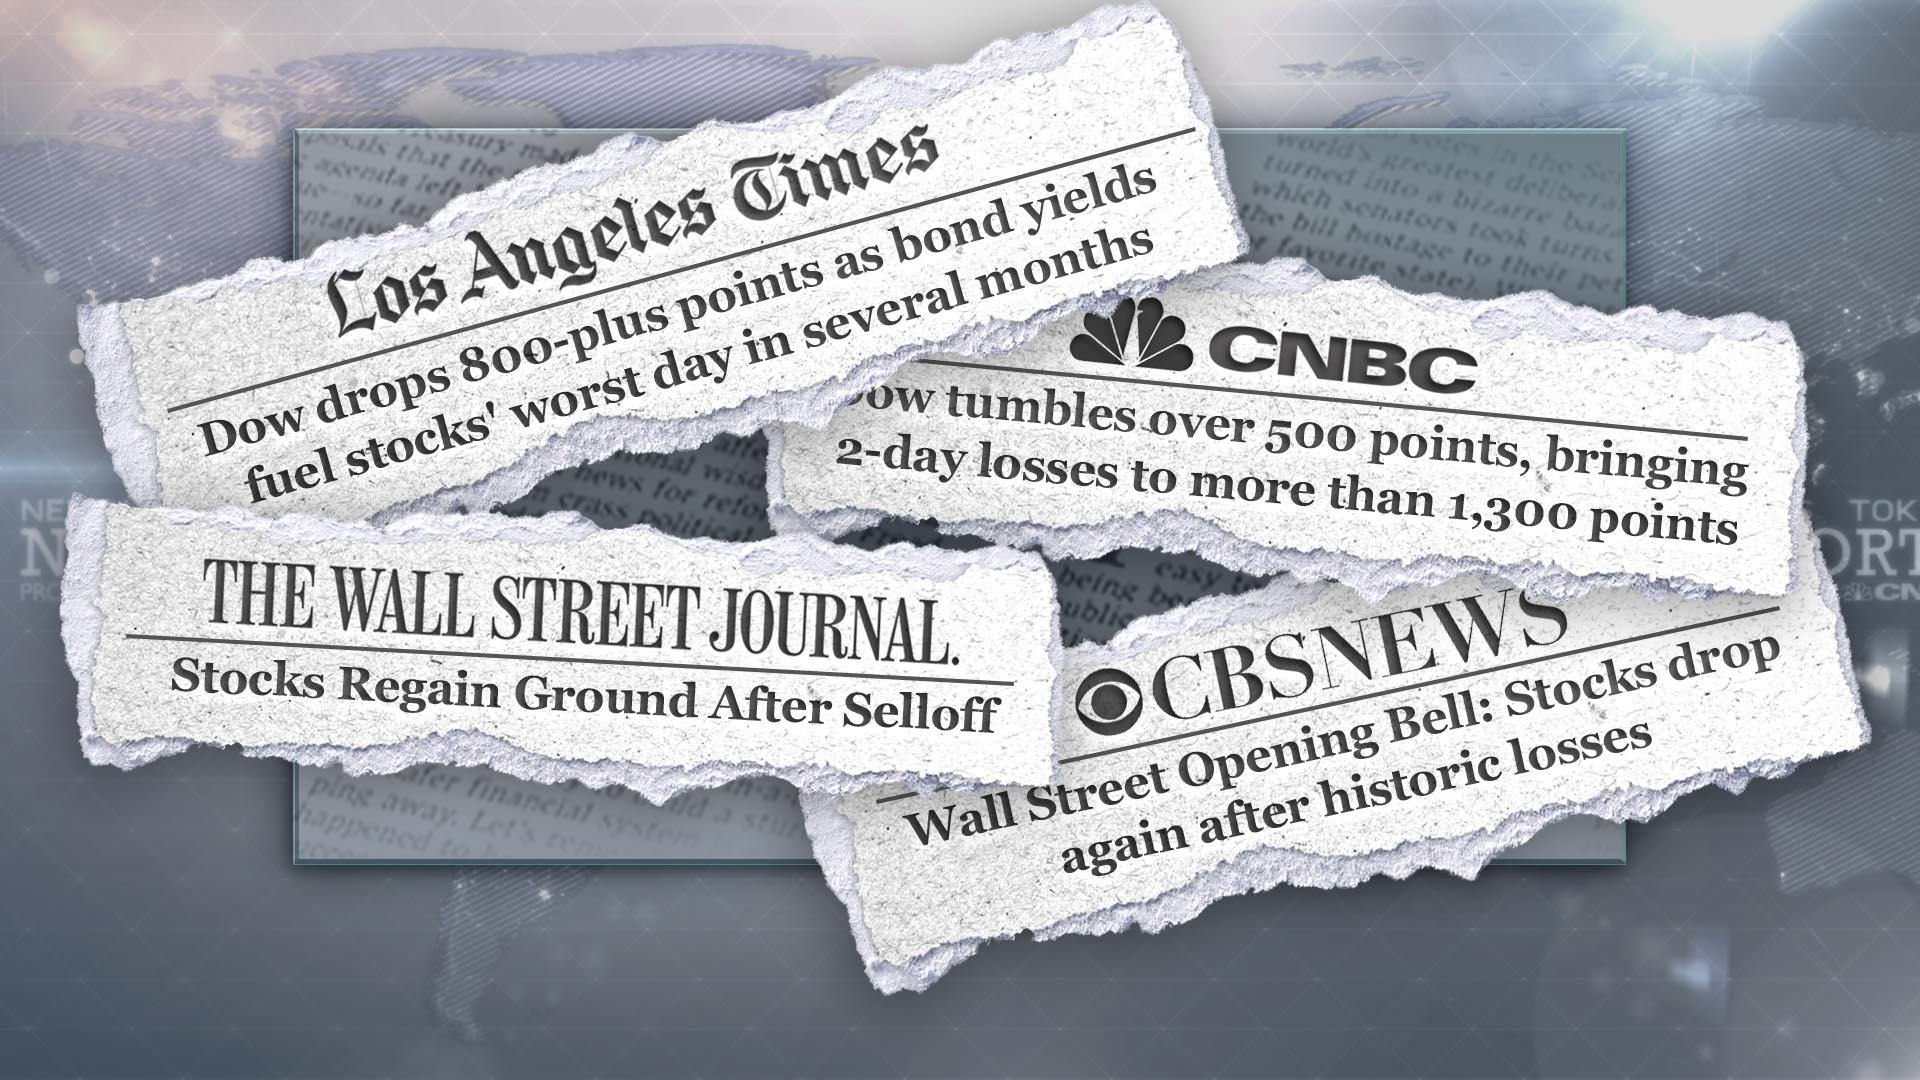 20891706_NBR_FSTEXT_NEWSPAPER_TEAR_MARKET_HEADLINES_Web.jpg